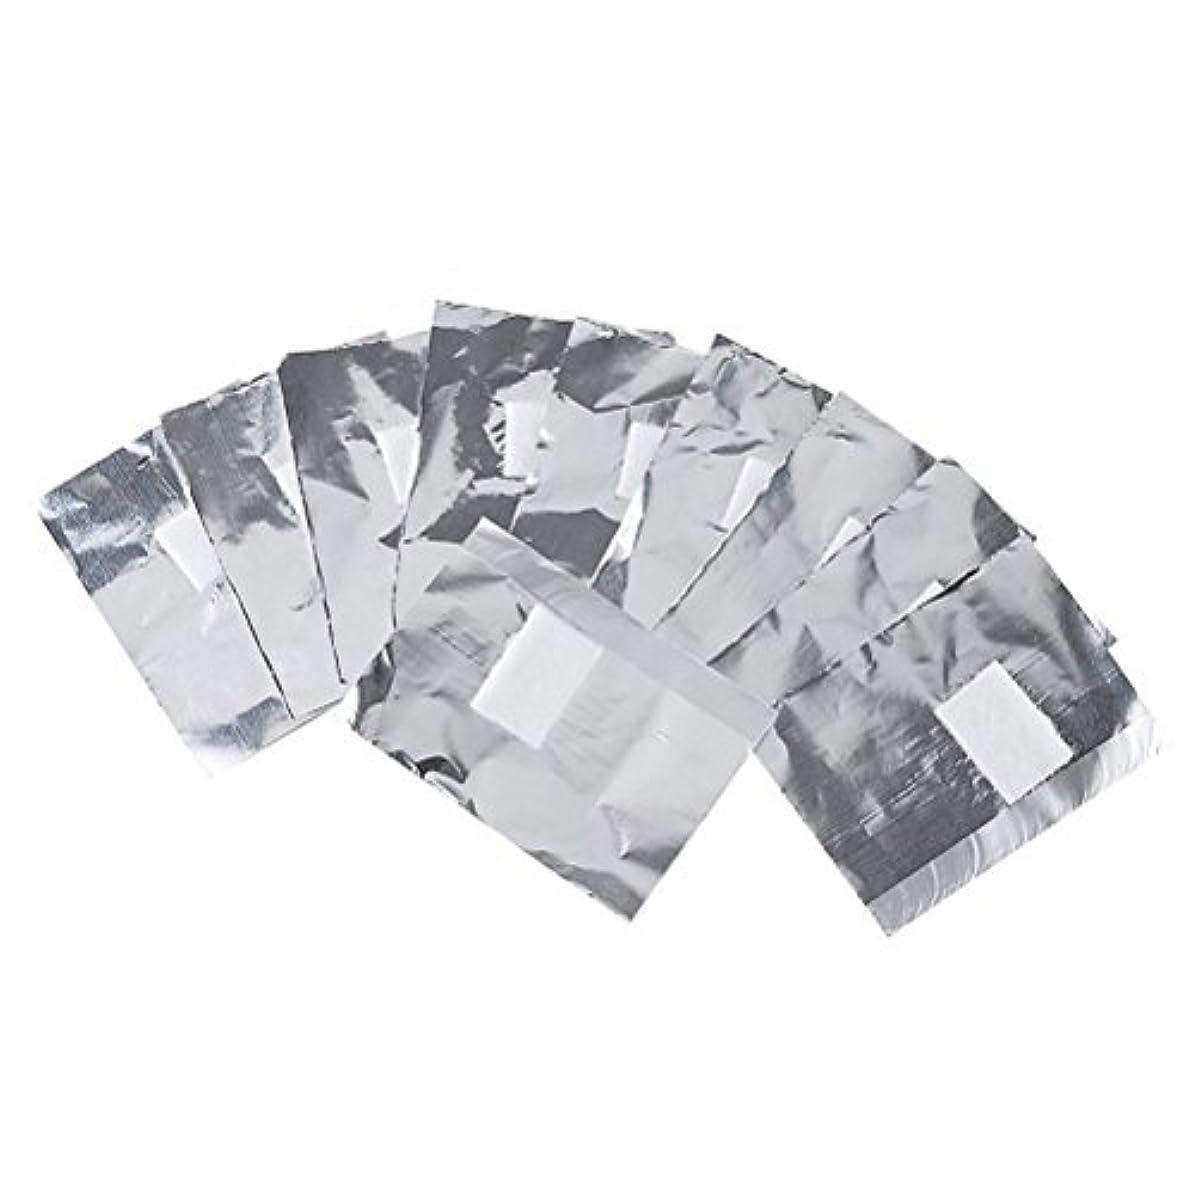 変な頑丈その後Frcolor ネイルオフ ジェルオフリムーバー アクリルUVジェル ネイルポリッシュをきれいにオフする ジェル 使い捨て コットン付きアルミホイル ネイル用品 キューティクル 200枚